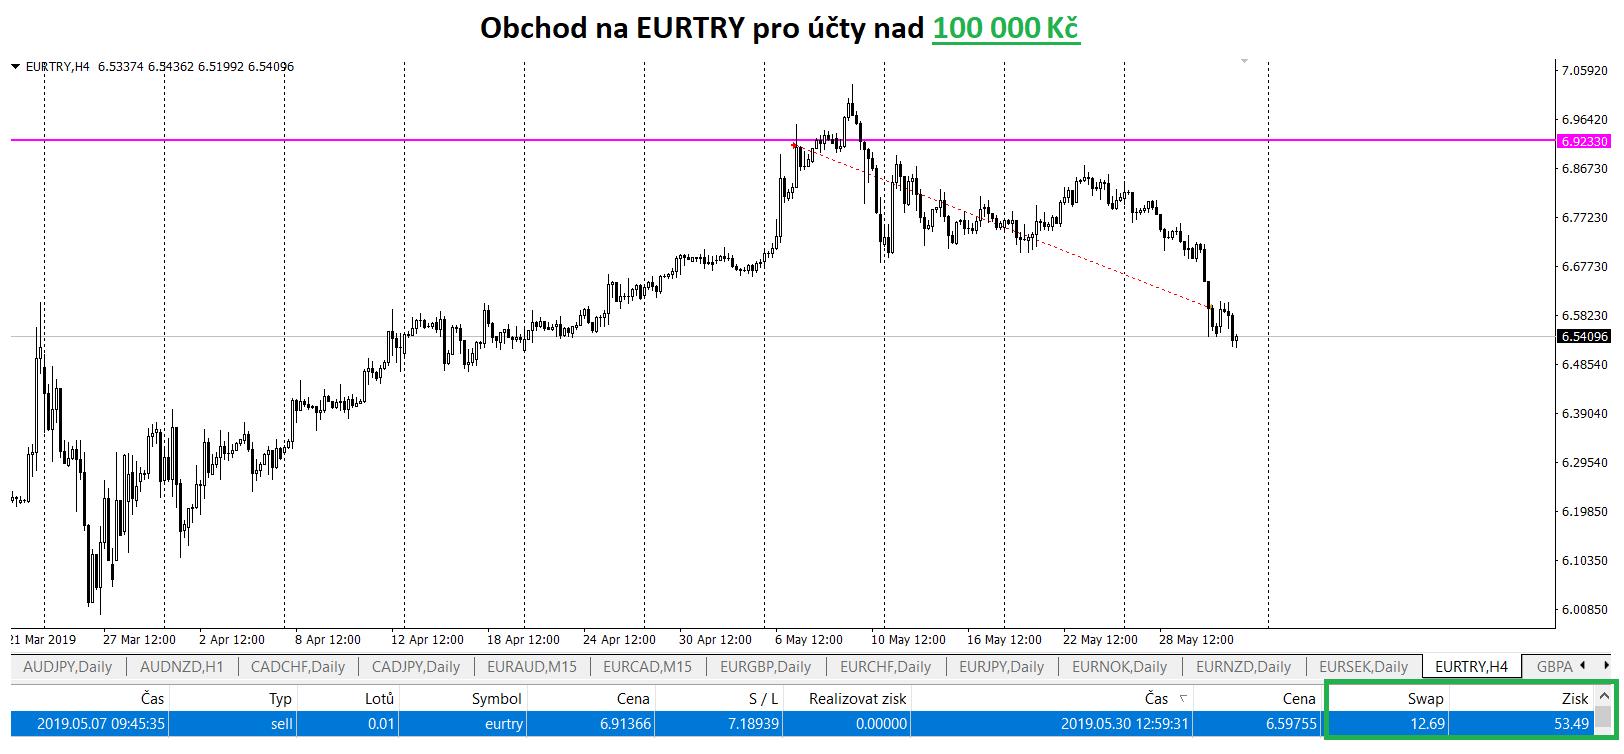 EURTRY - EUR/TRY swing short obchod a reálný výdělek i na swapech